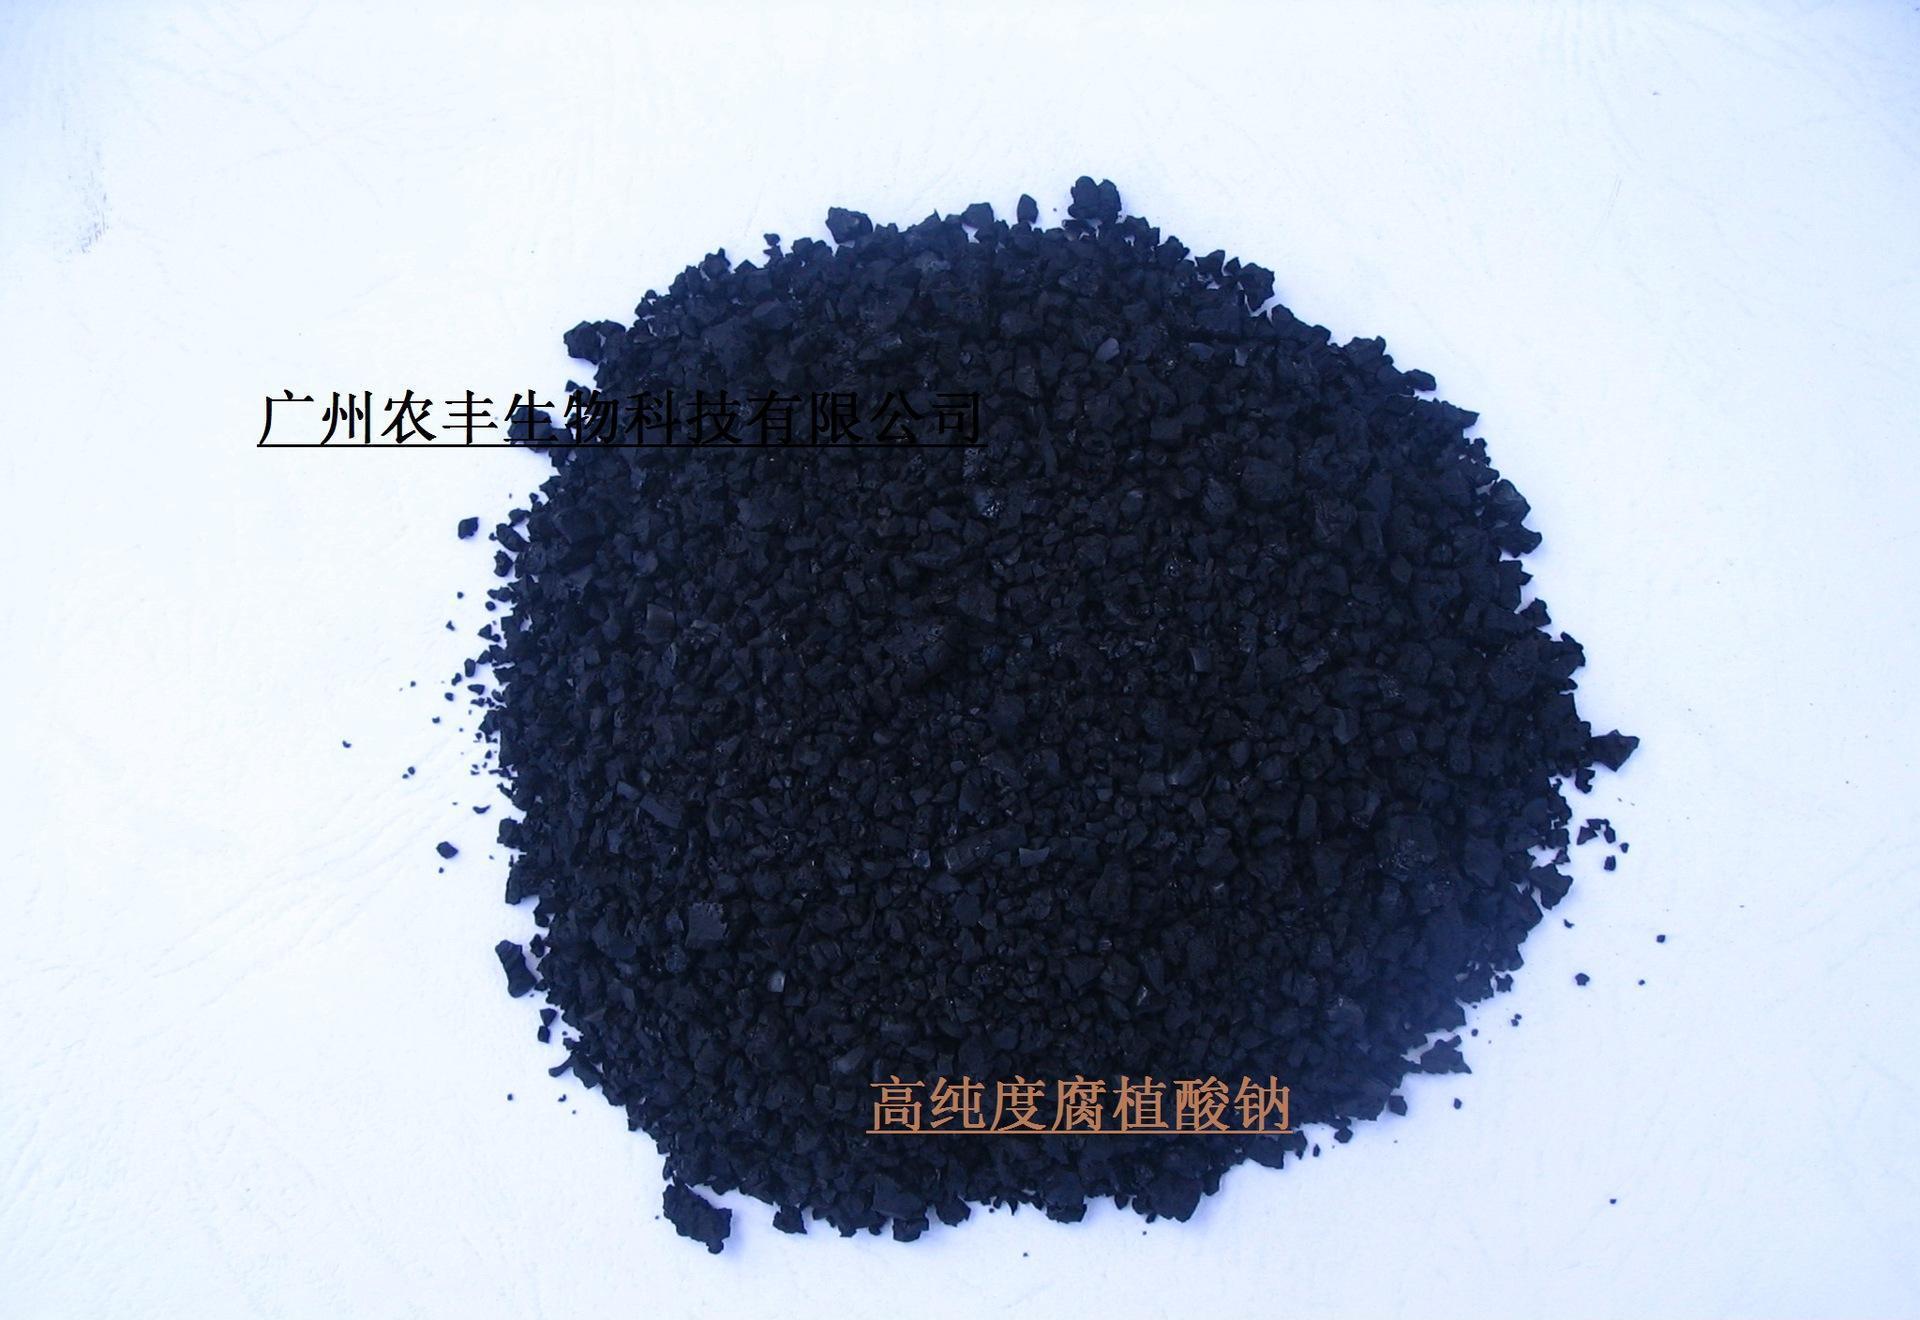 高水溶性矿物腐植酸钠